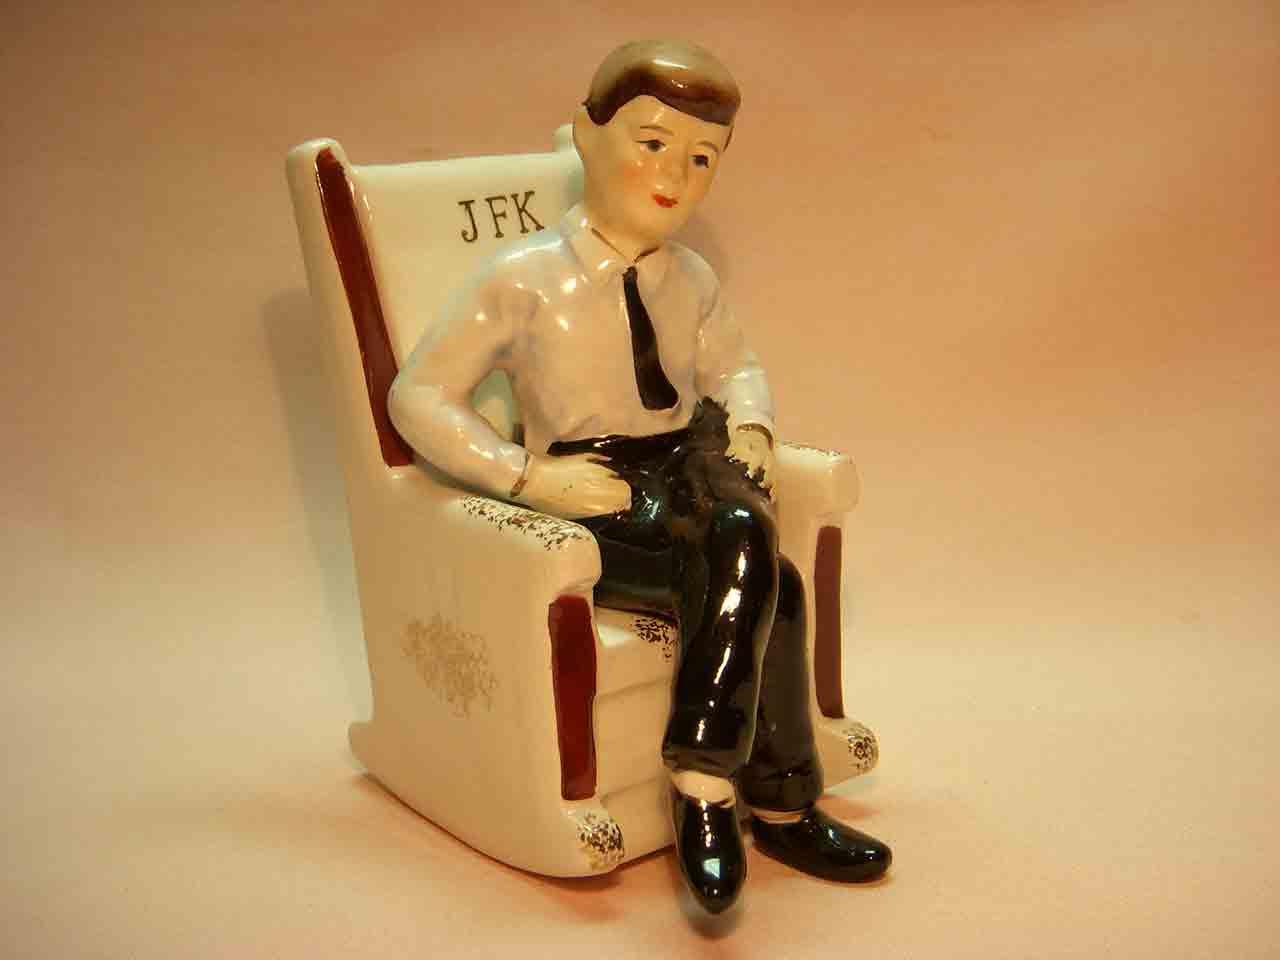 President John F. Kennedy in rocking chair salt and pepper shaker